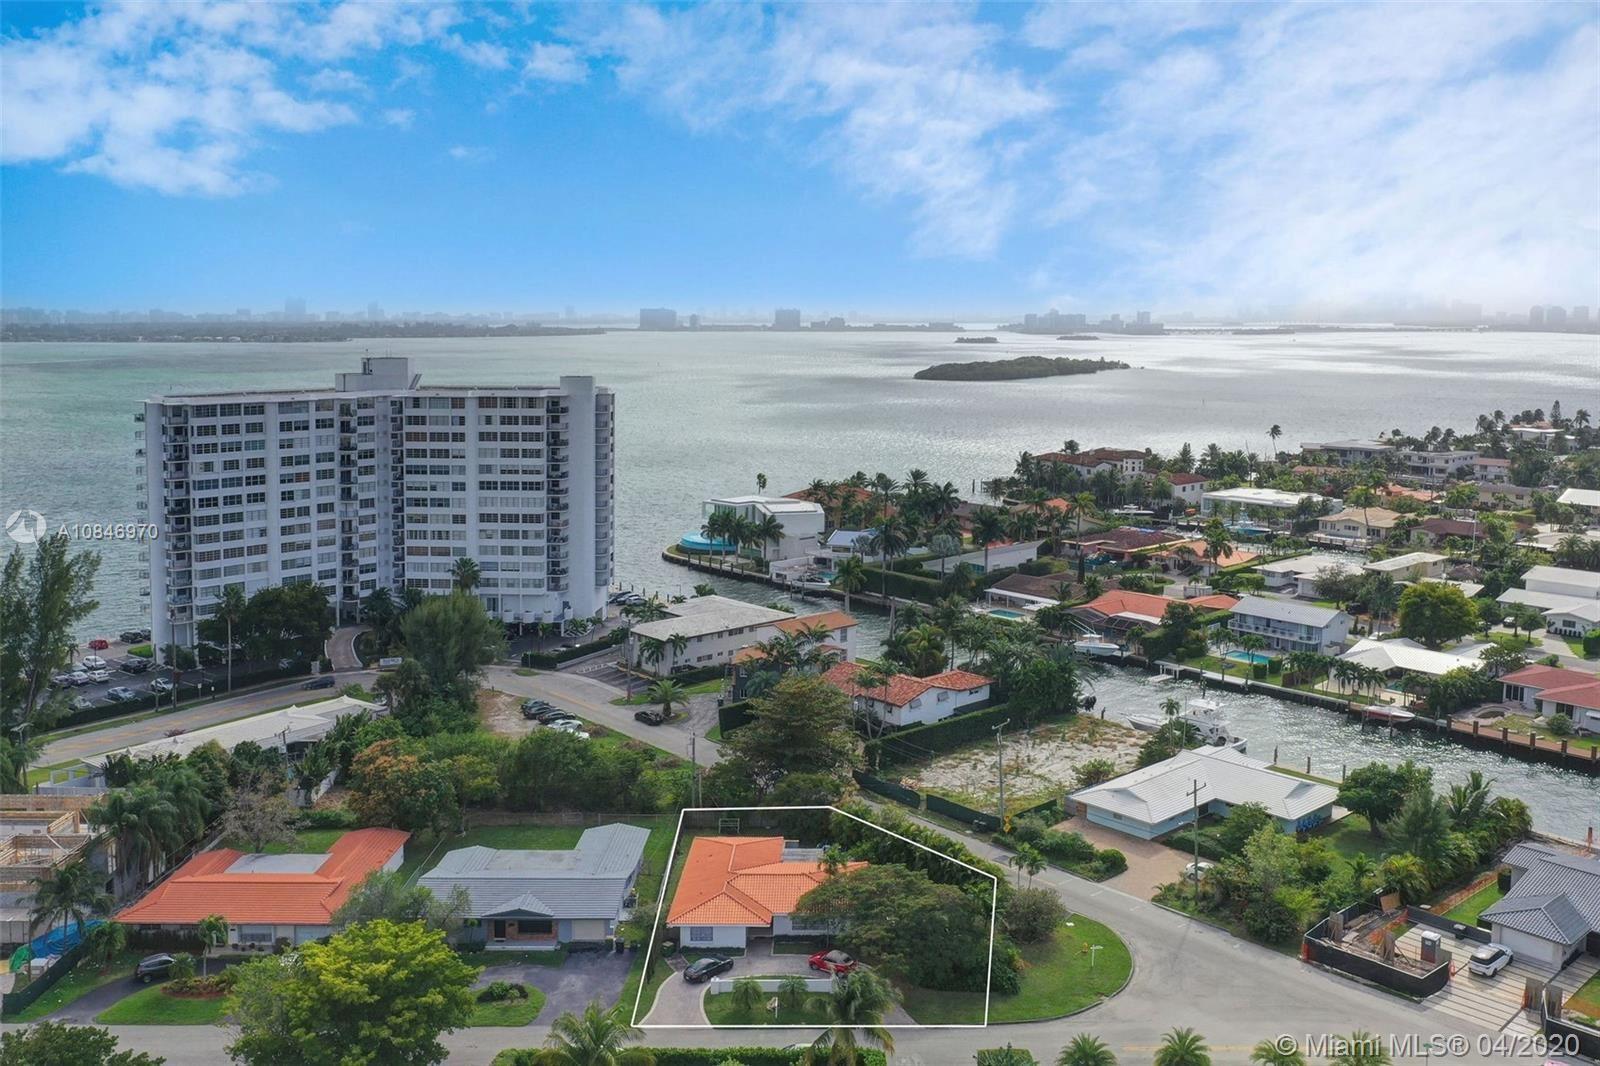 2170 NE 120th St, North Miami, FL 33181 - #: A10846970